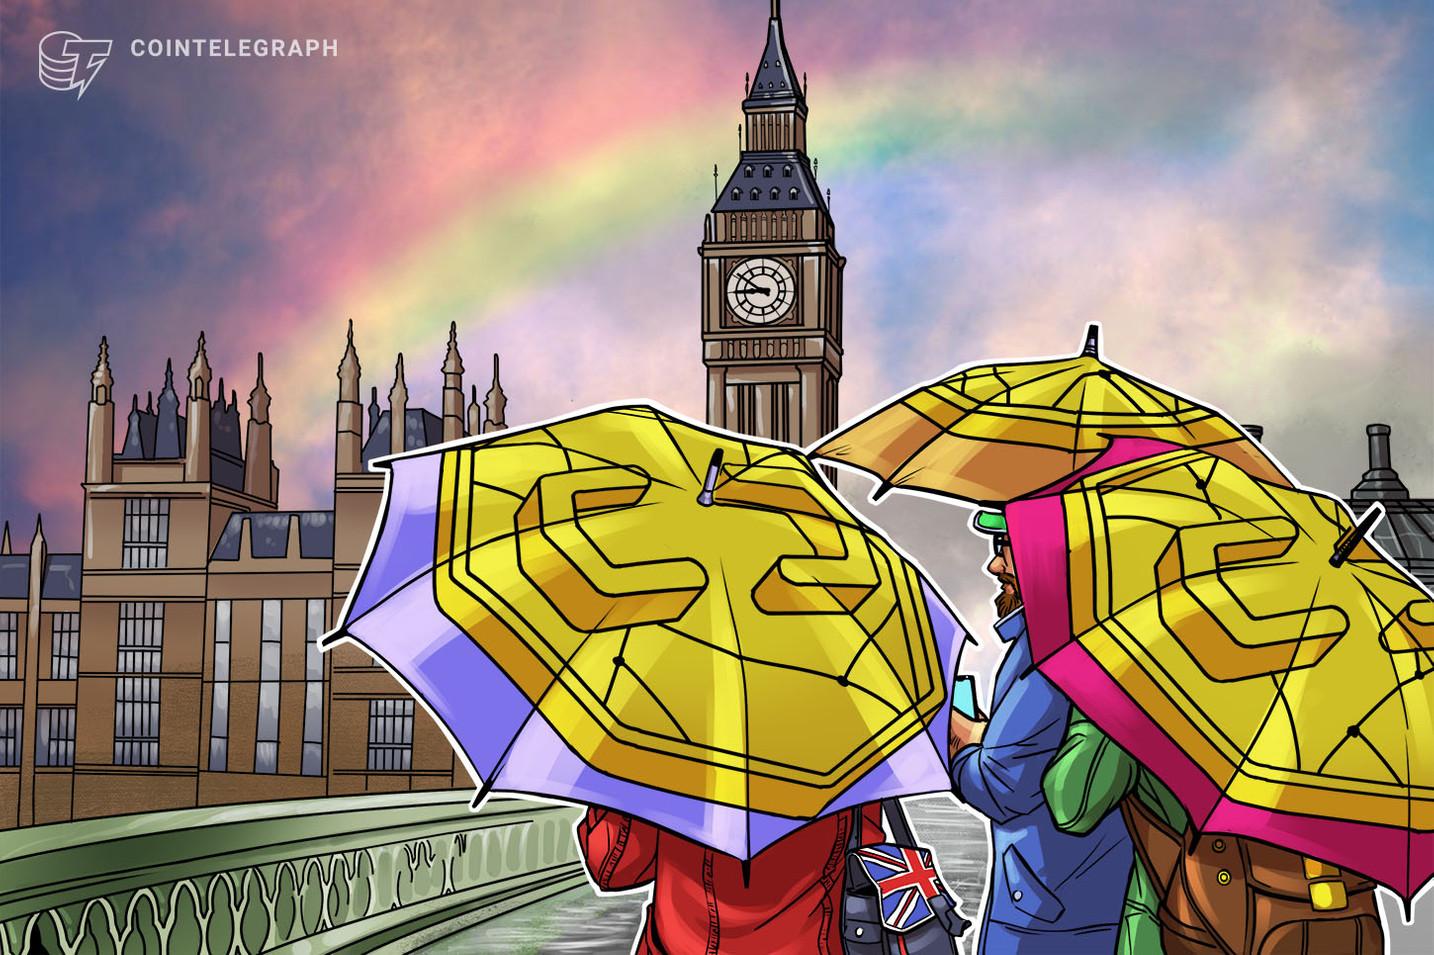 """El gran fondo de cobertura británico Brevan Howard planea """"ampliar significativamente"""" sus criptomonedas y activos digitales"""